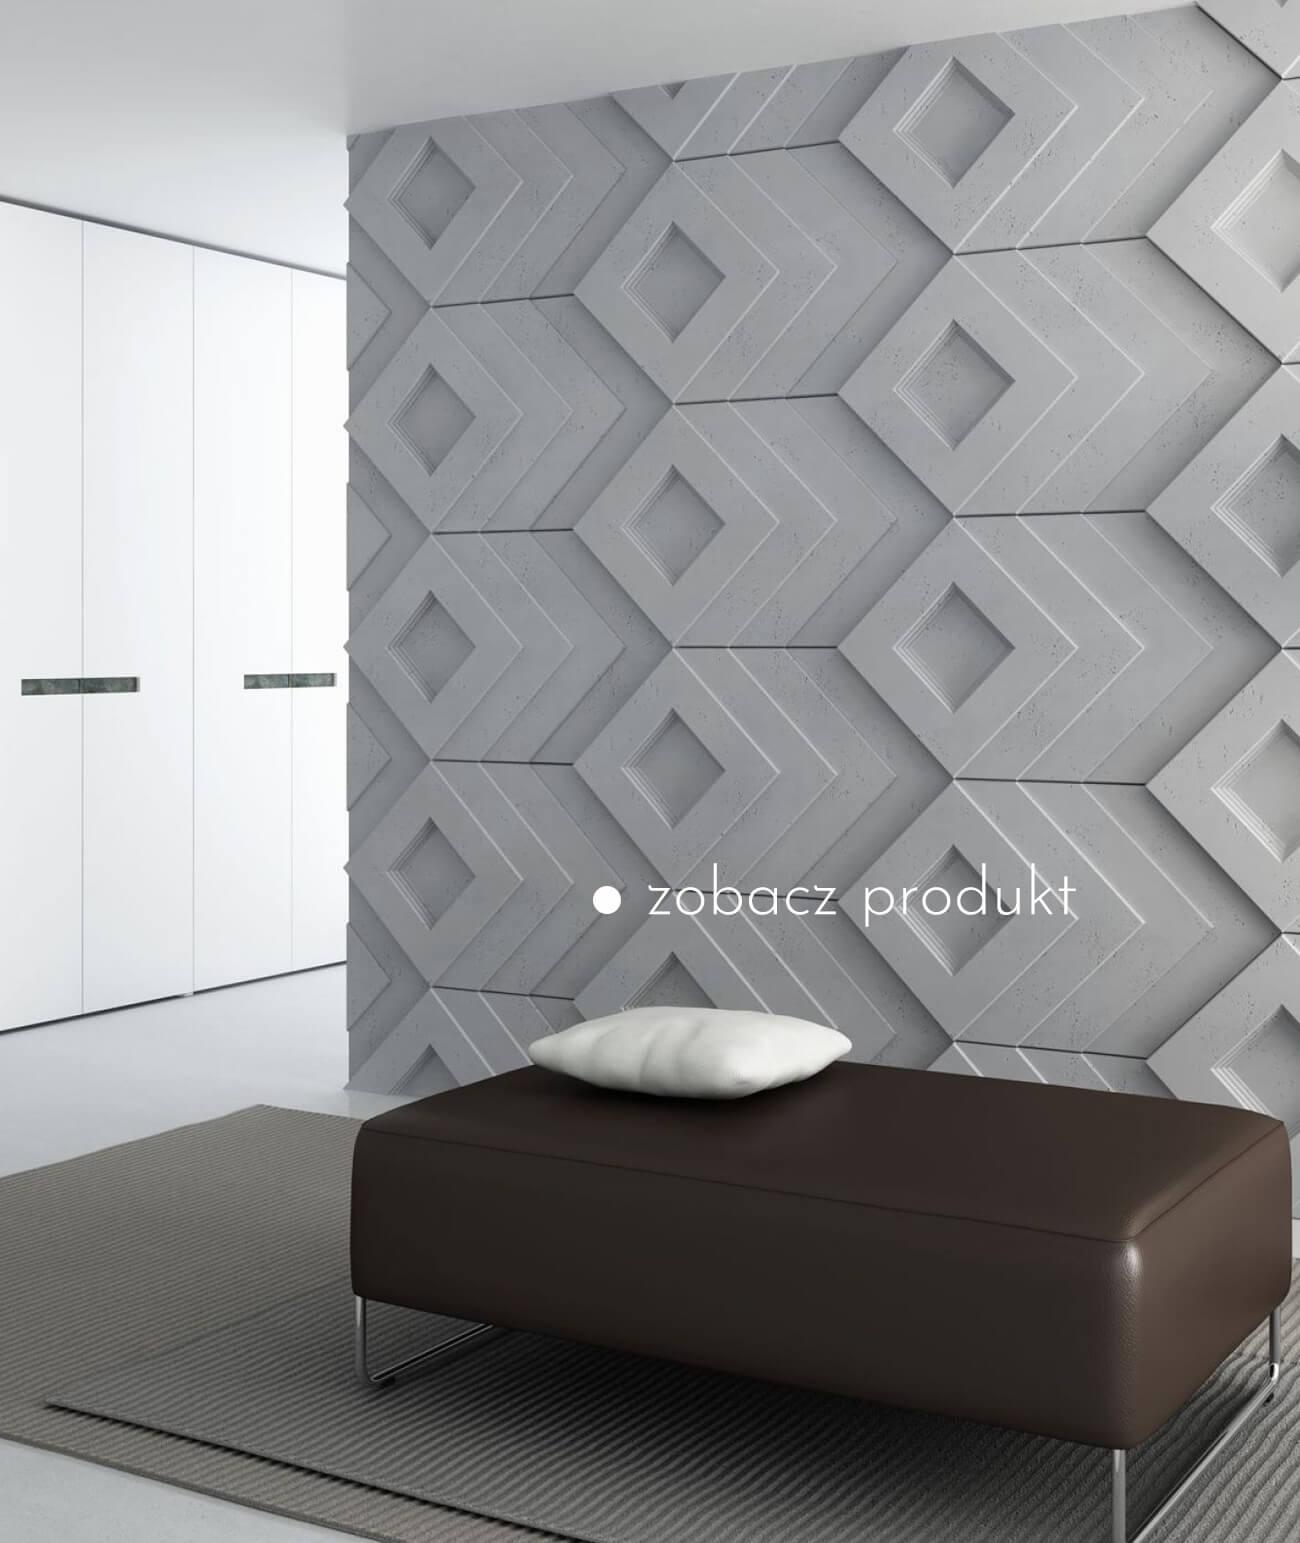 panele-betonowe-3d-scienne-i-elewacyjne-beton-architektoniczny_817-19435-pb21-s95-jasny-szary-golabkowy-slab---panel-dekor-3d-beton-architektoniczny-panel-scienny